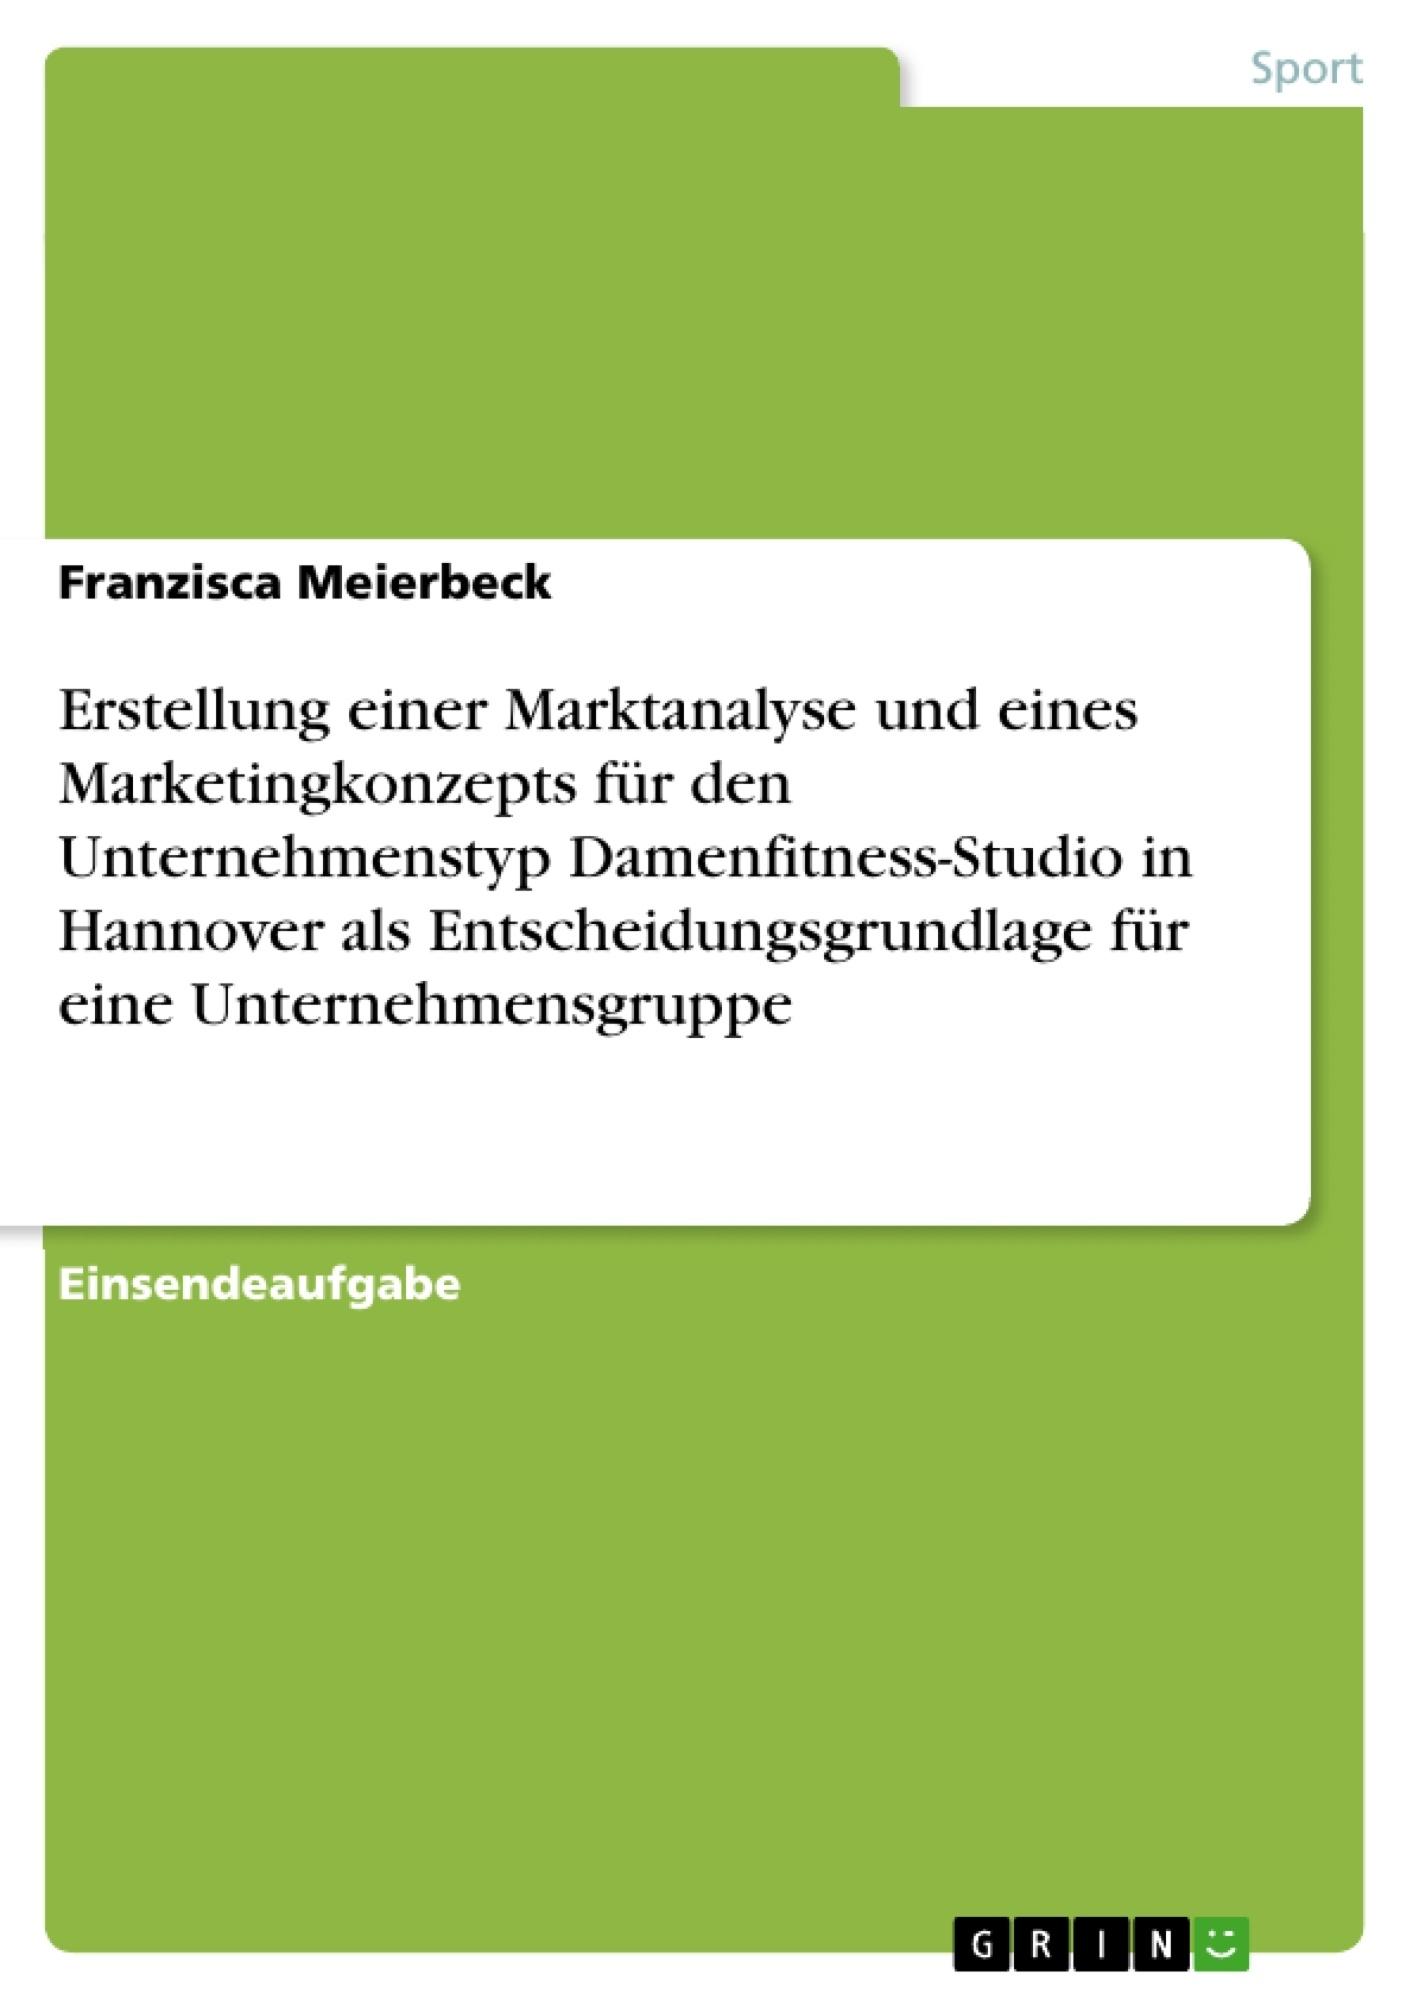 Titel: Erstellung einer Marktanalyse und eines Marketingkonzepts für den Unternehmenstyp Damenfitness-Studio in Hannover als Entscheidungsgrundlage für eine Unternehmensgruppe